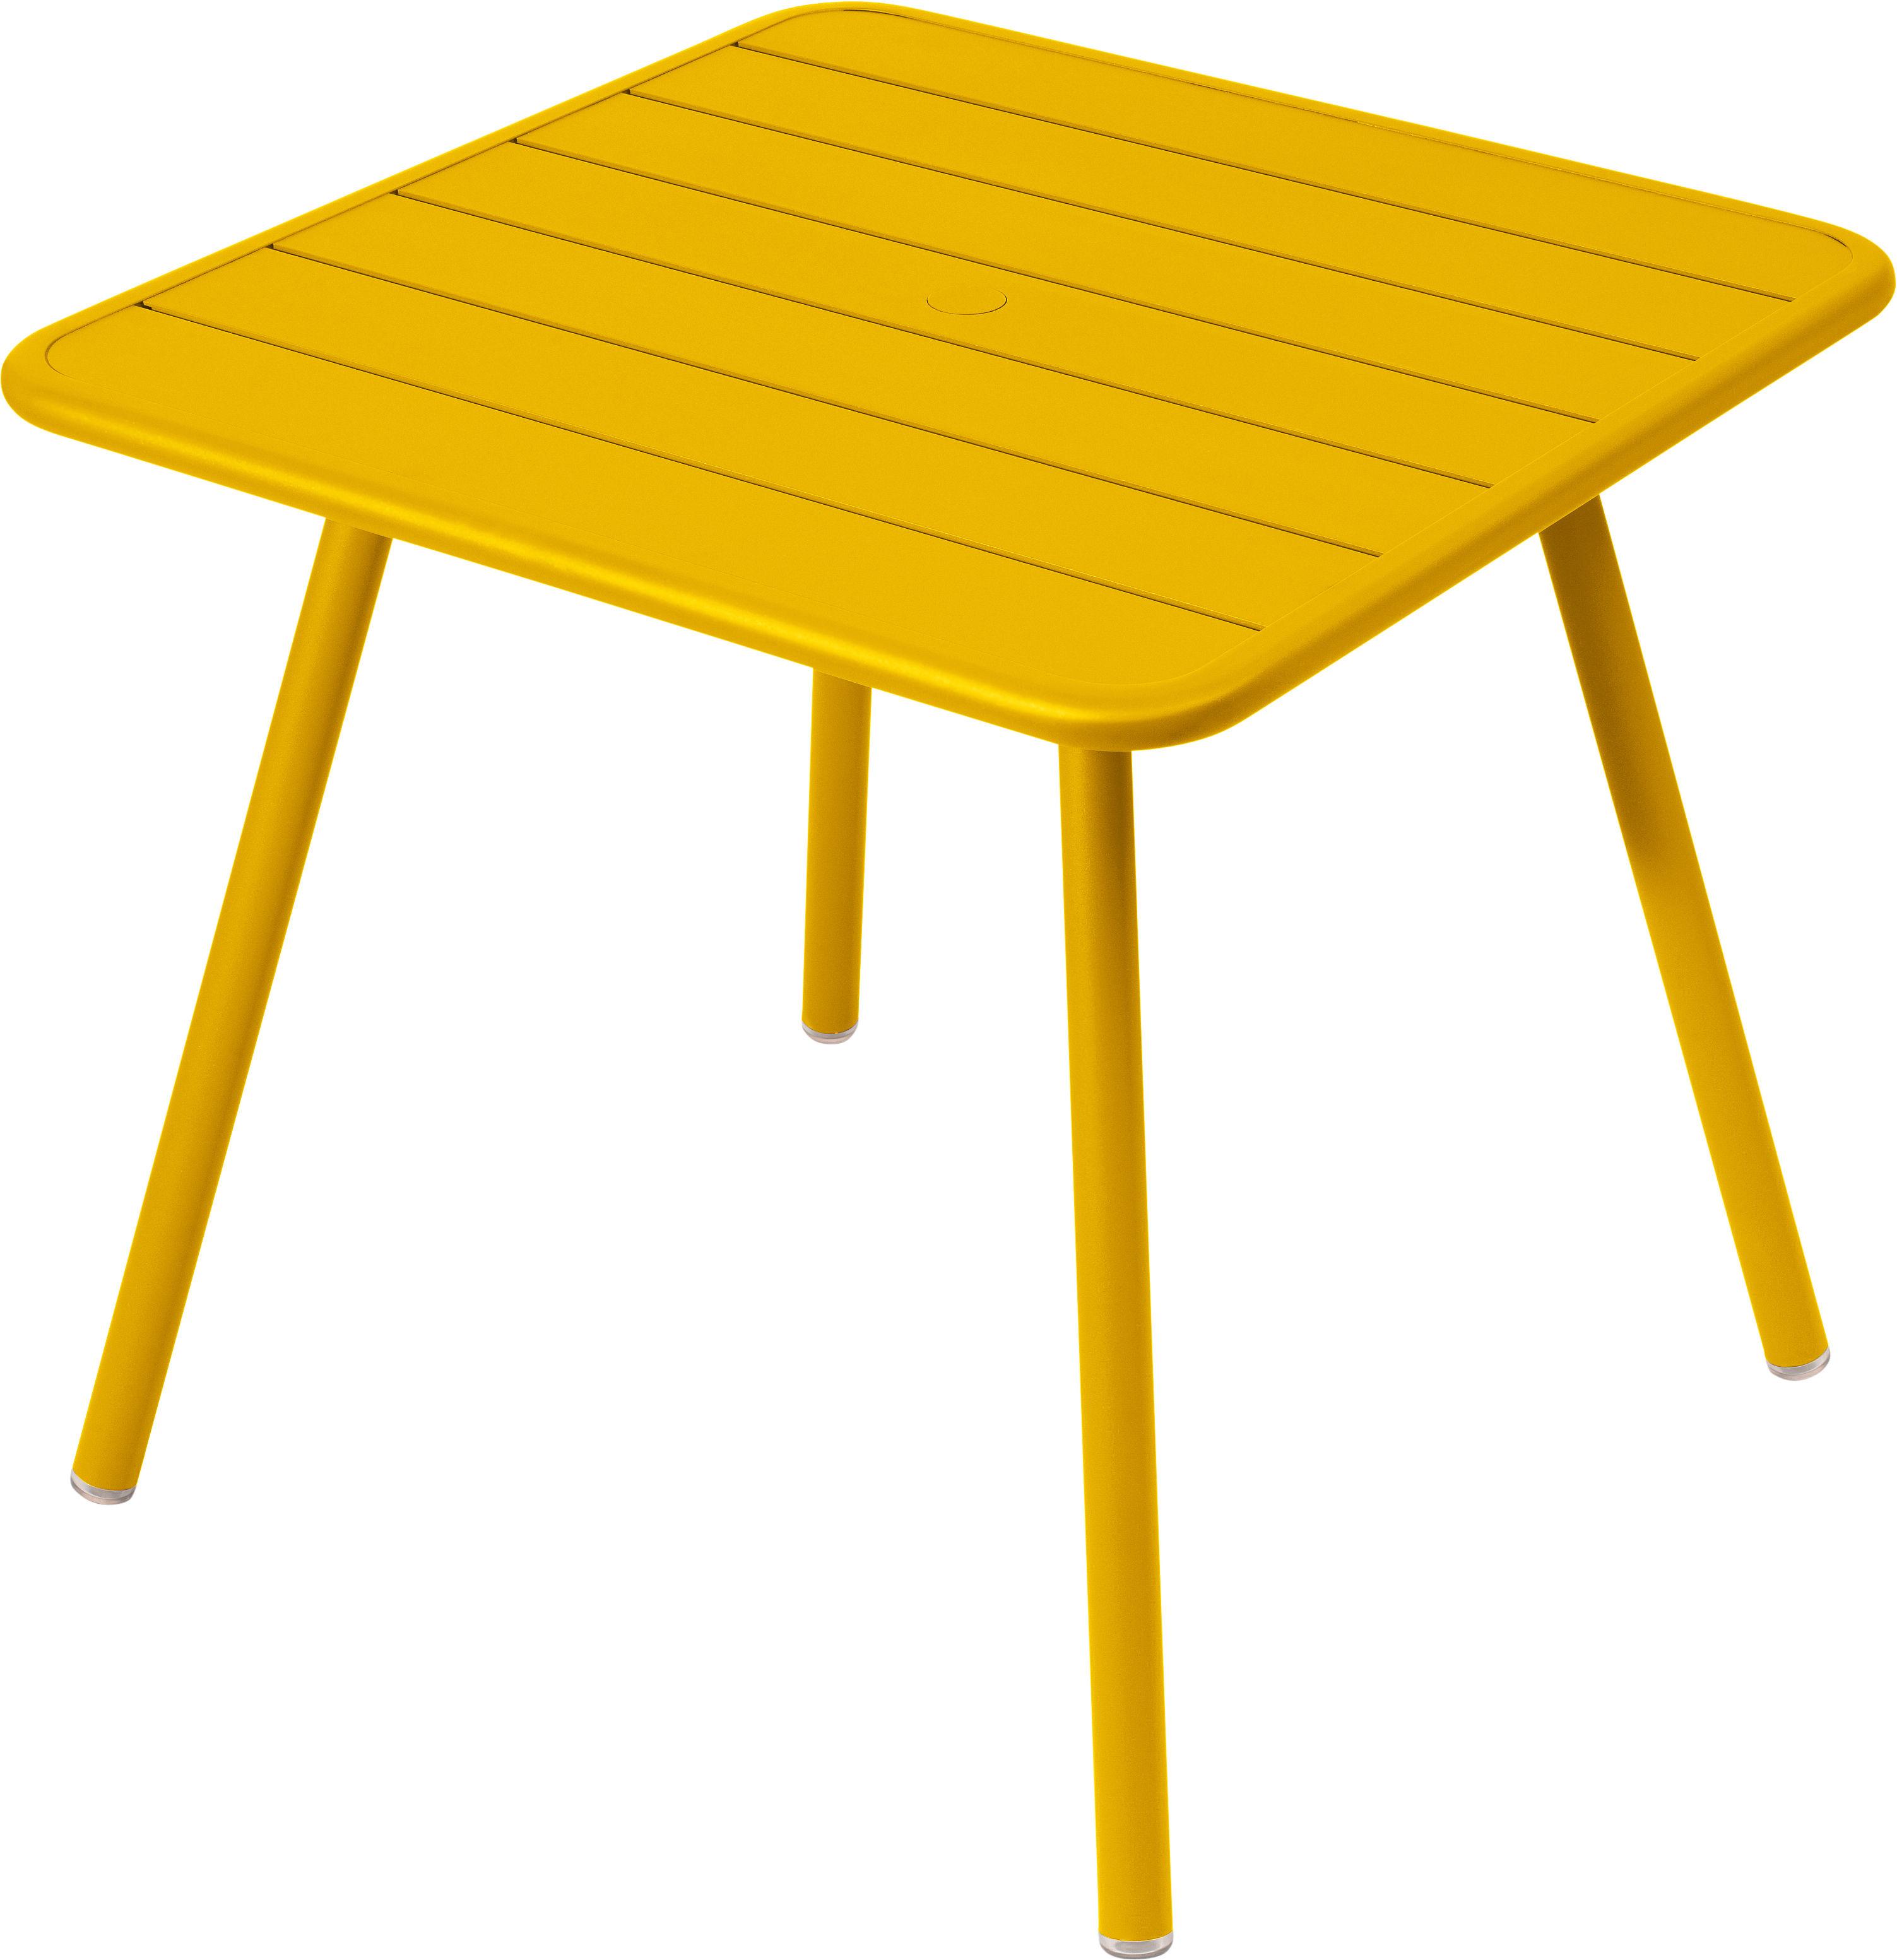 luxembourg vier tischbeine f r 2 bis 4 personen 80 x 80 cm fermob tisch. Black Bedroom Furniture Sets. Home Design Ideas